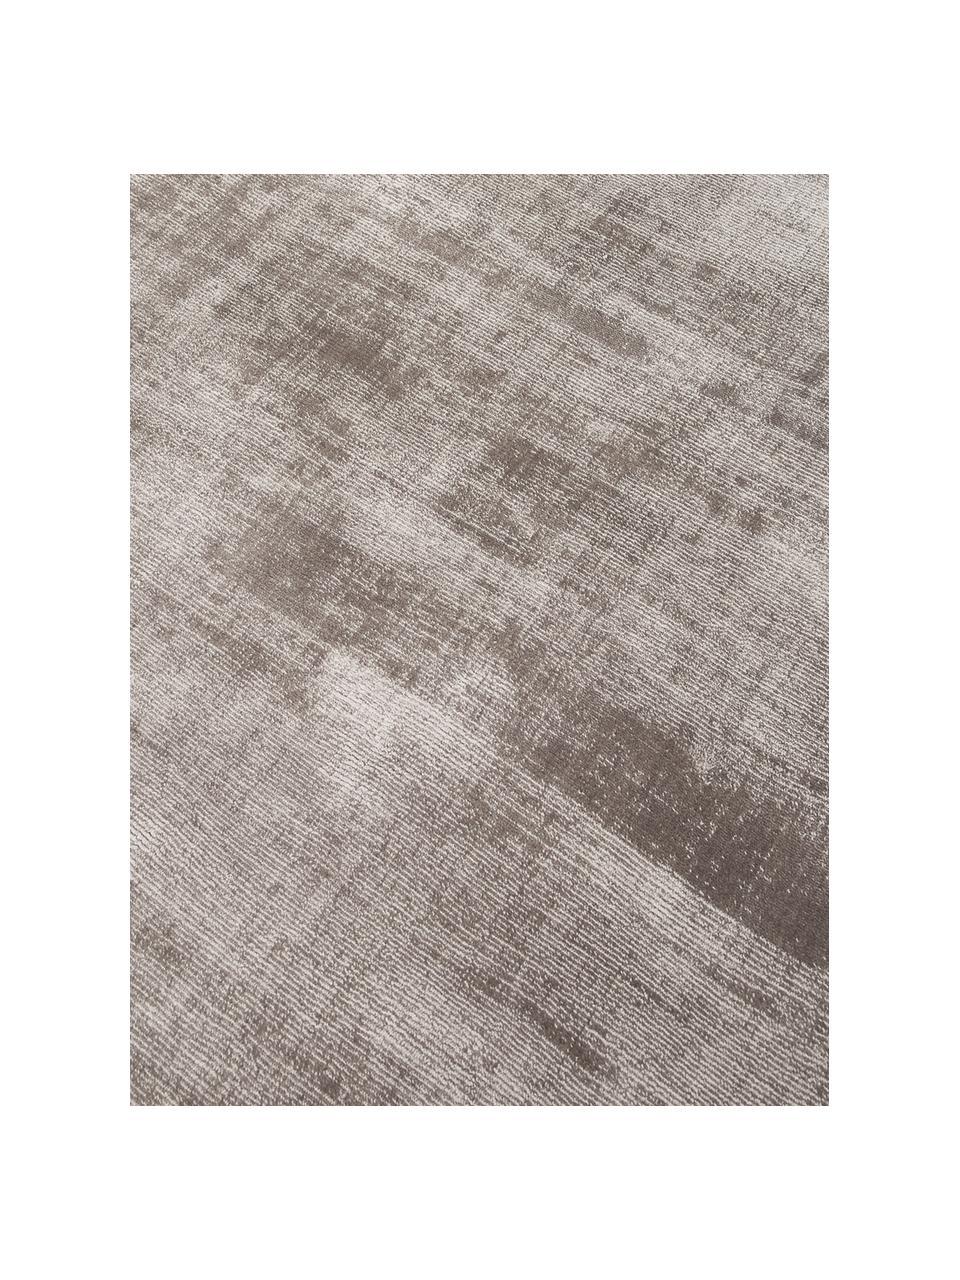 Tappeto rotondo in viscosa color taupe tessuto a mano Jane, Retro: 100% cotone, Taupe, Ø 150 cm